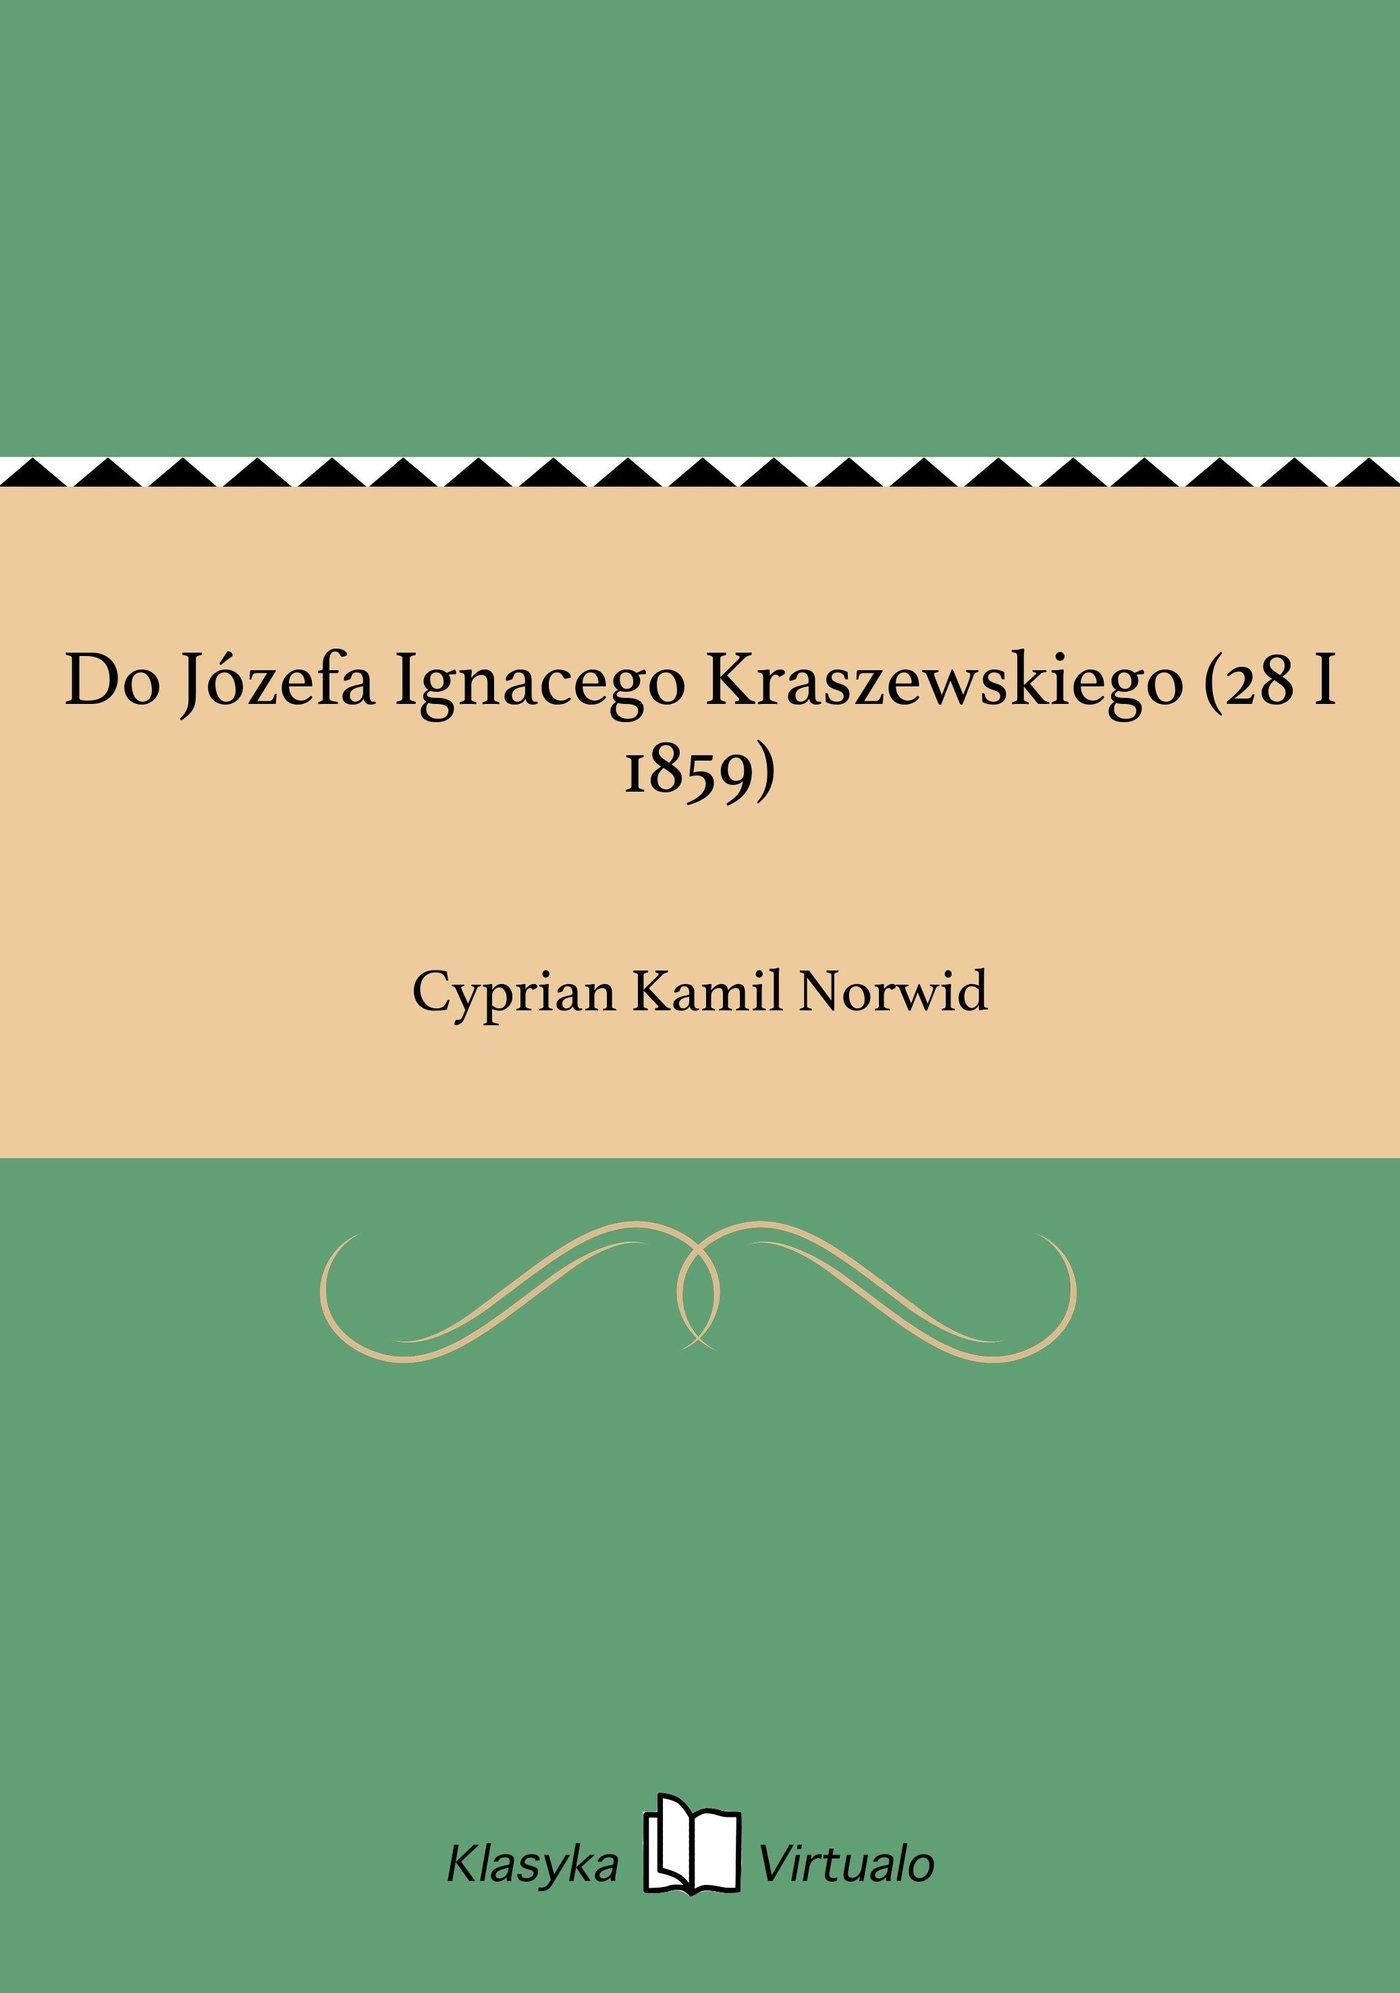 Do Józefa Ignacego Kraszewskiego (28 I 1859) - Ebook (Książka EPUB) do pobrania w formacie EPUB